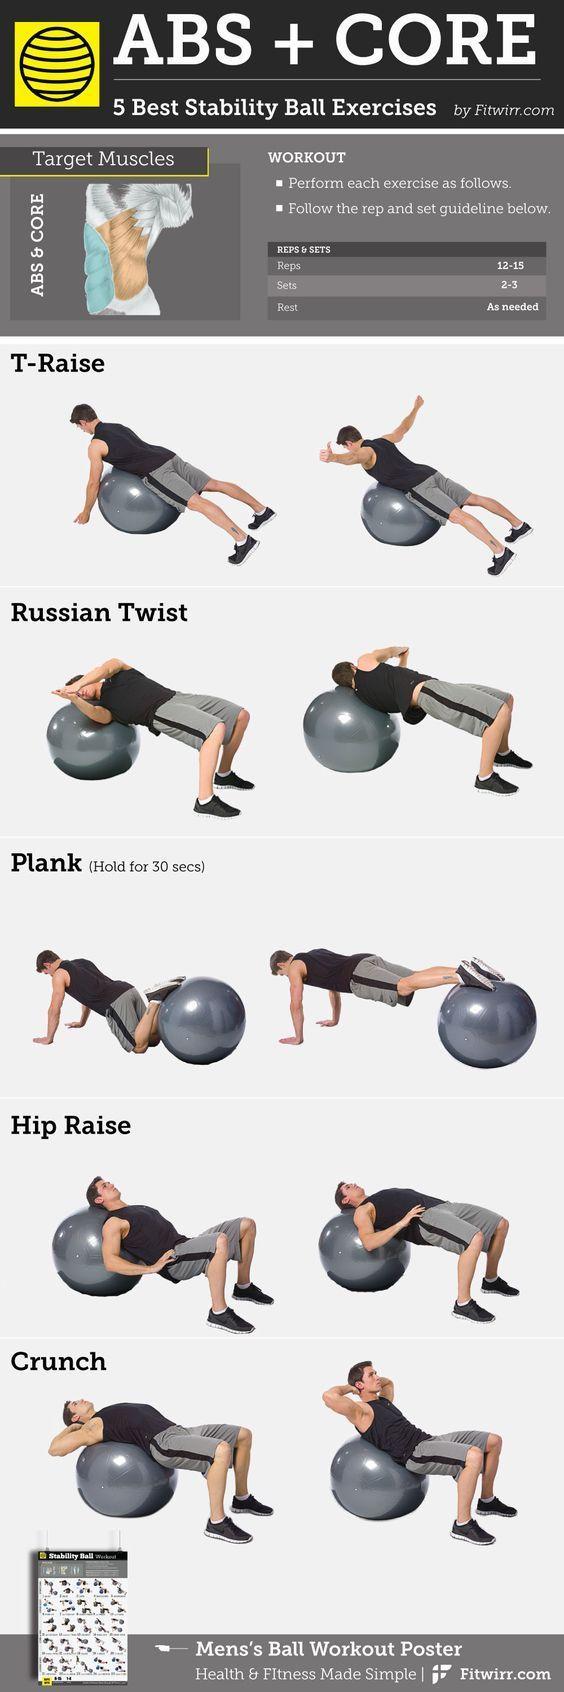 Stabilitätsballübungen für Bauch und Bauch. #coreexercises #abs #stomachexercises